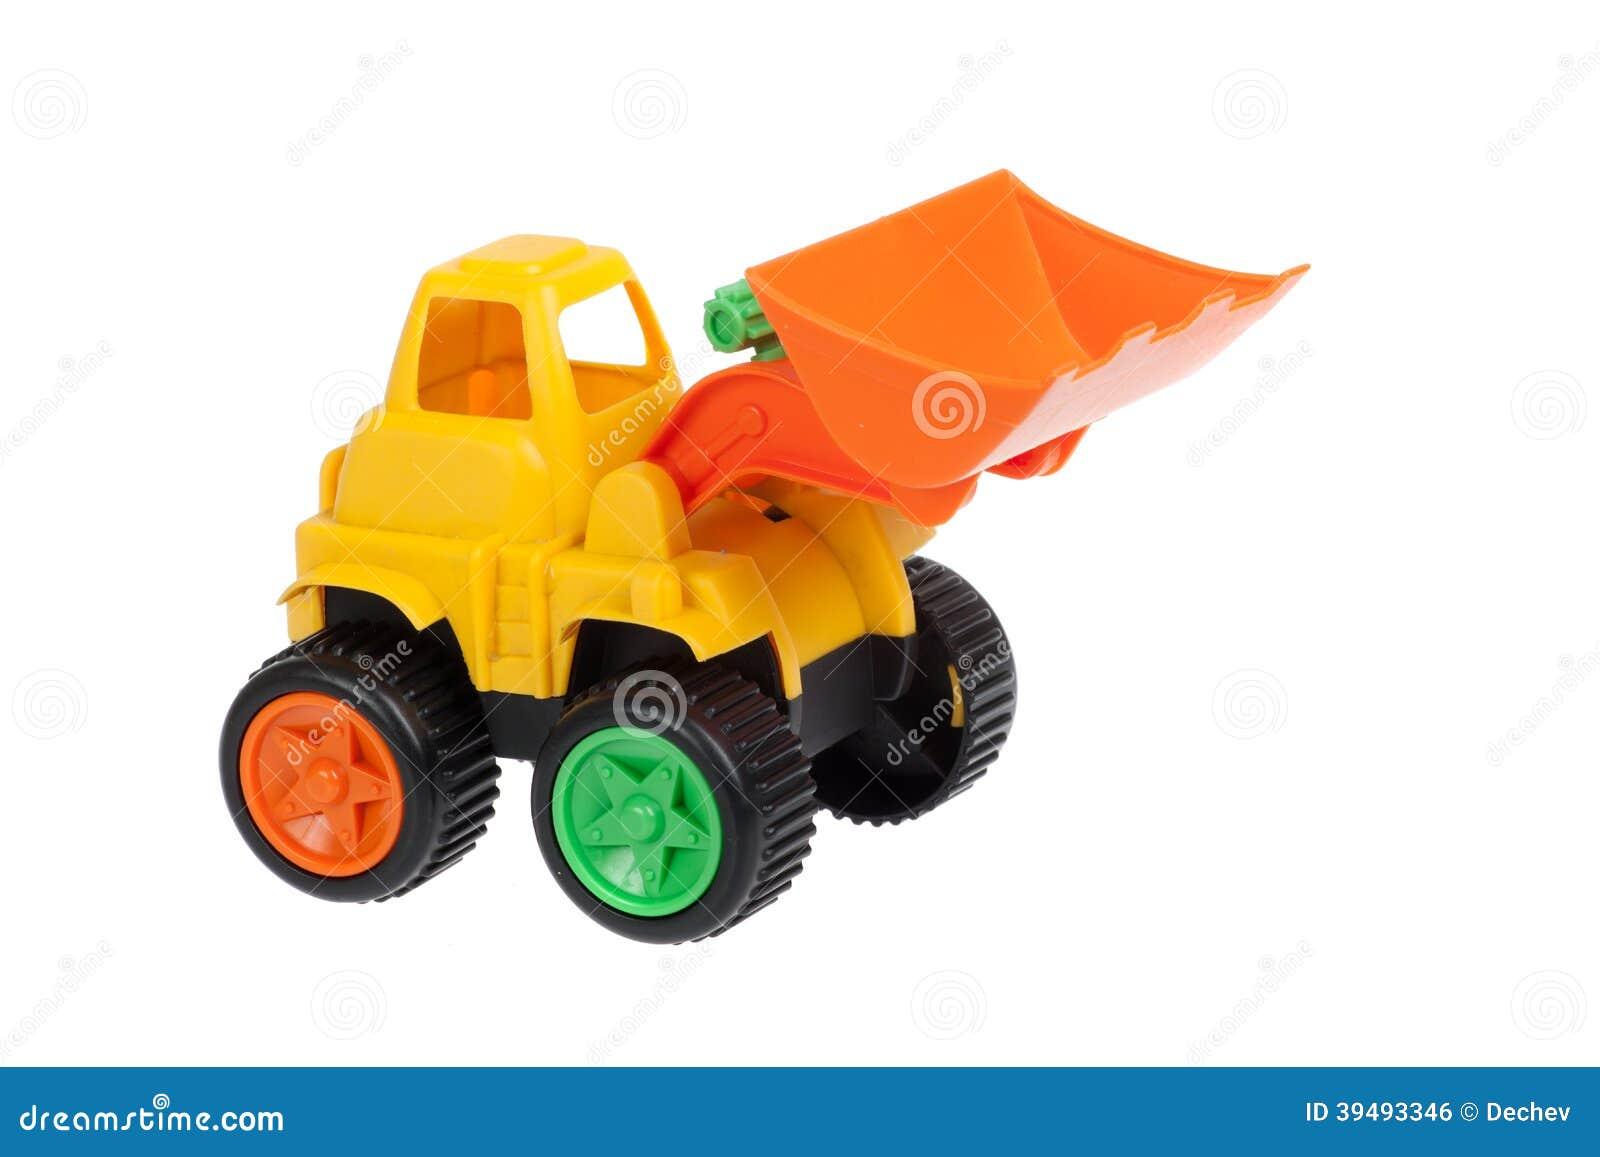 Spielzeug planierraupe lokalisiert stockfoto bild von